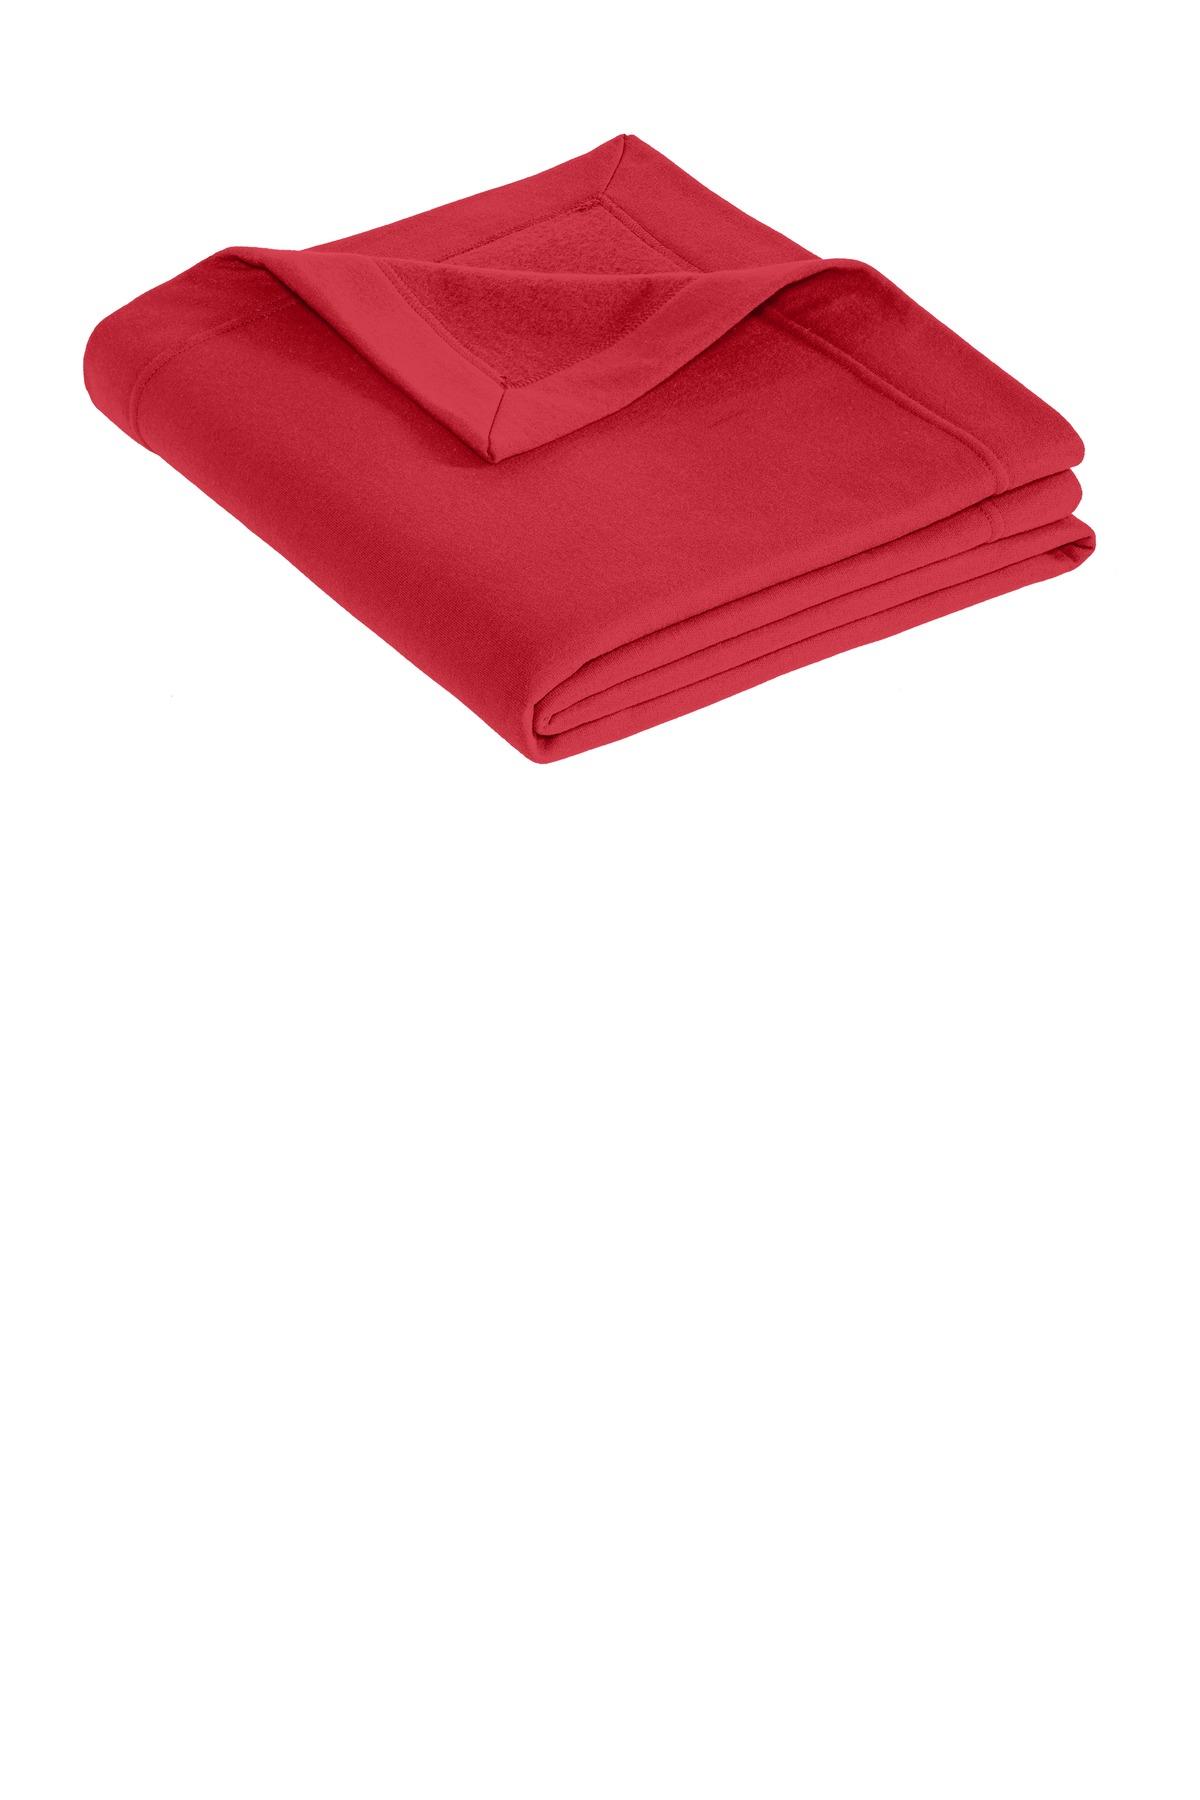 SanMar Gildan 12900, Gildan® DryBlend® Stadium Blanket.